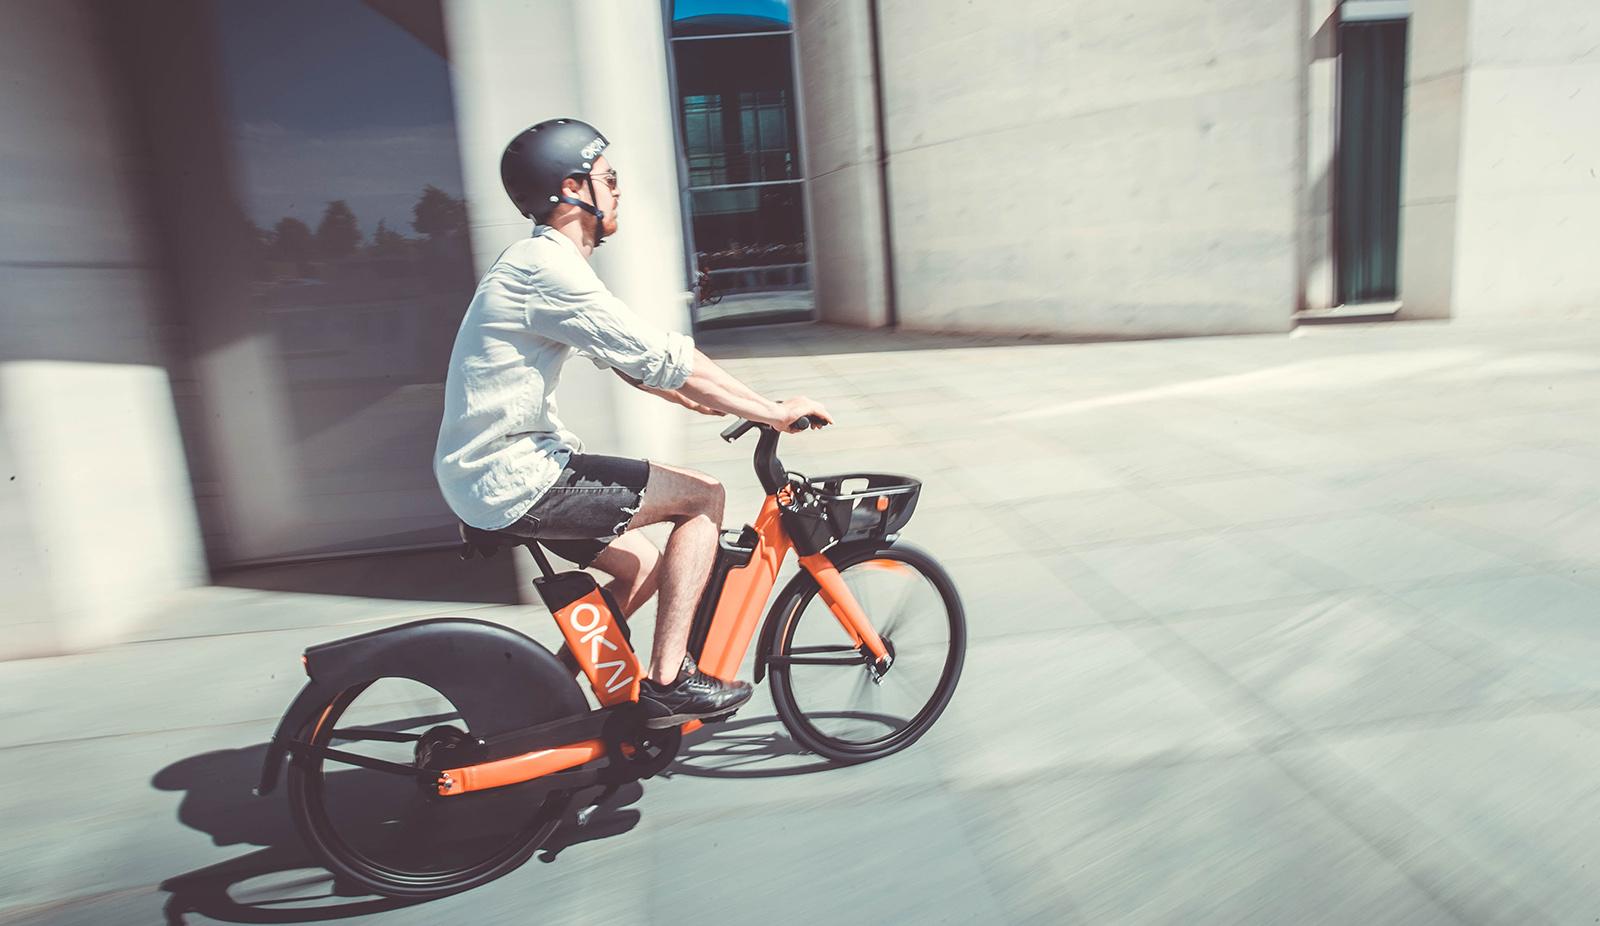 Aktiv pendling och el-cyklar för hälsa under Coronapandemin